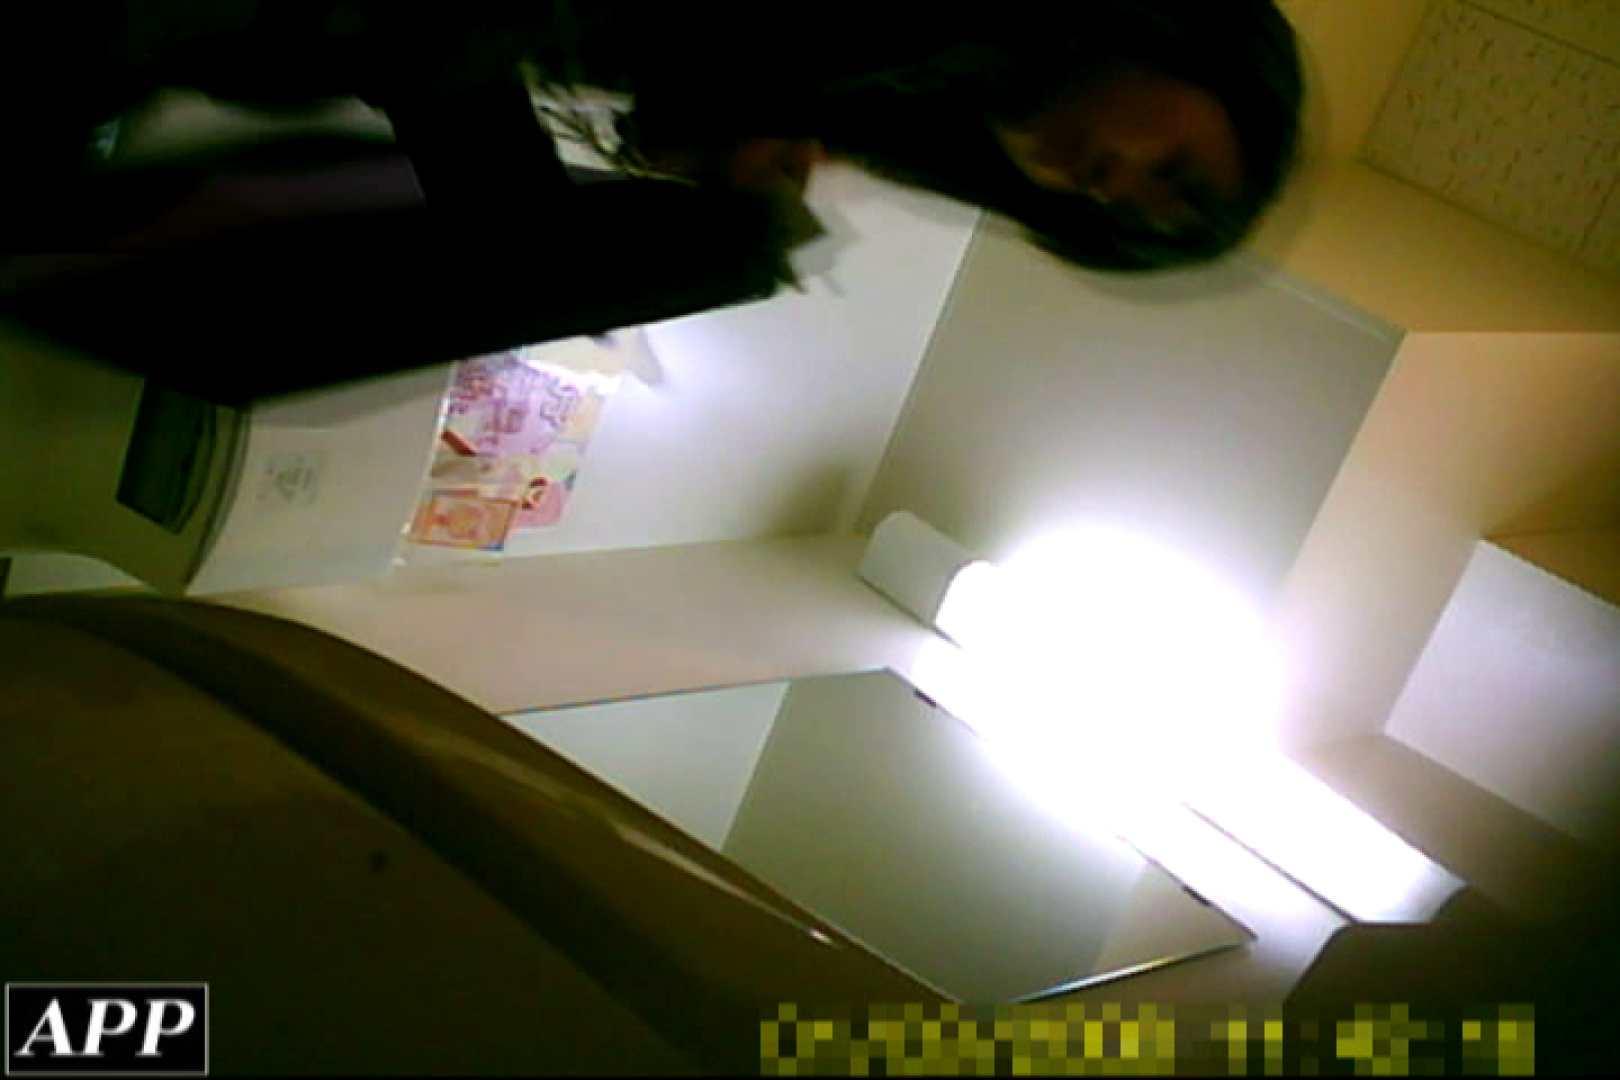 3視点洗面所 vol.05 ガールの盗撮 おめこ無修正動画無料 43枚